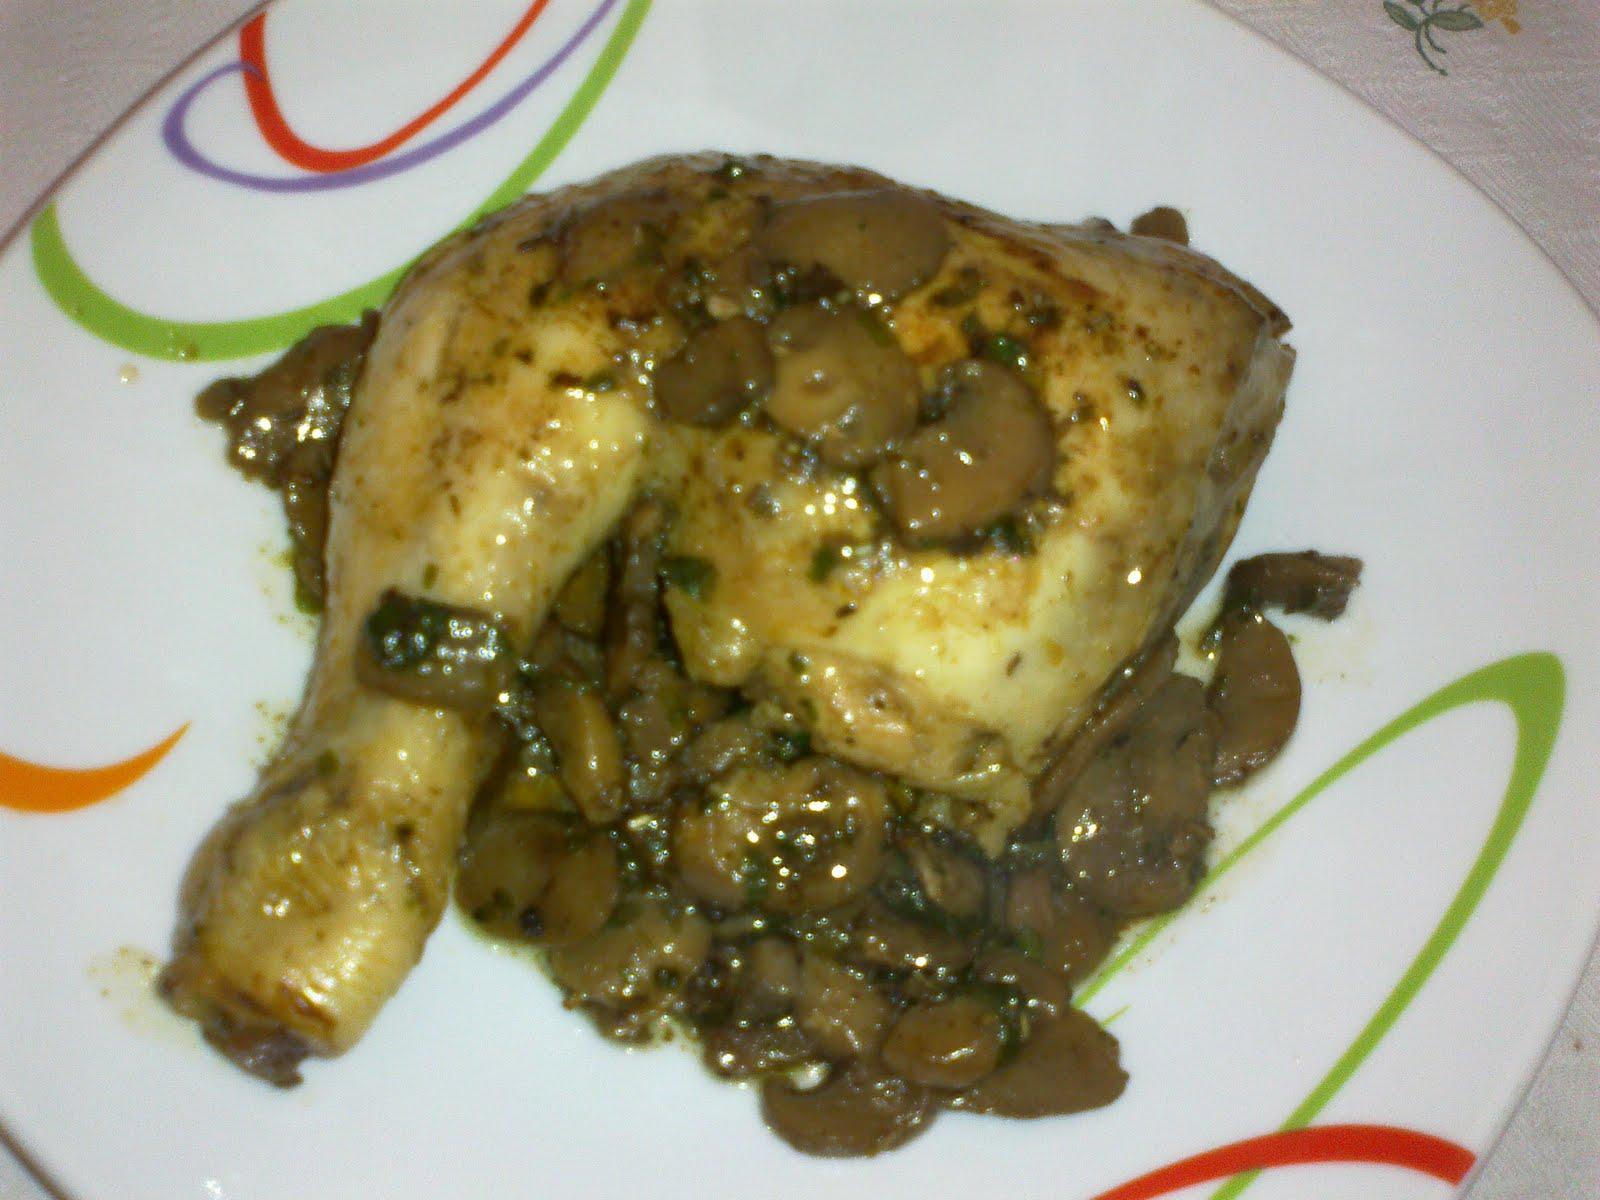 La cucina di v cosce di pollo con funghi champignon - Come cucinare champignon ...